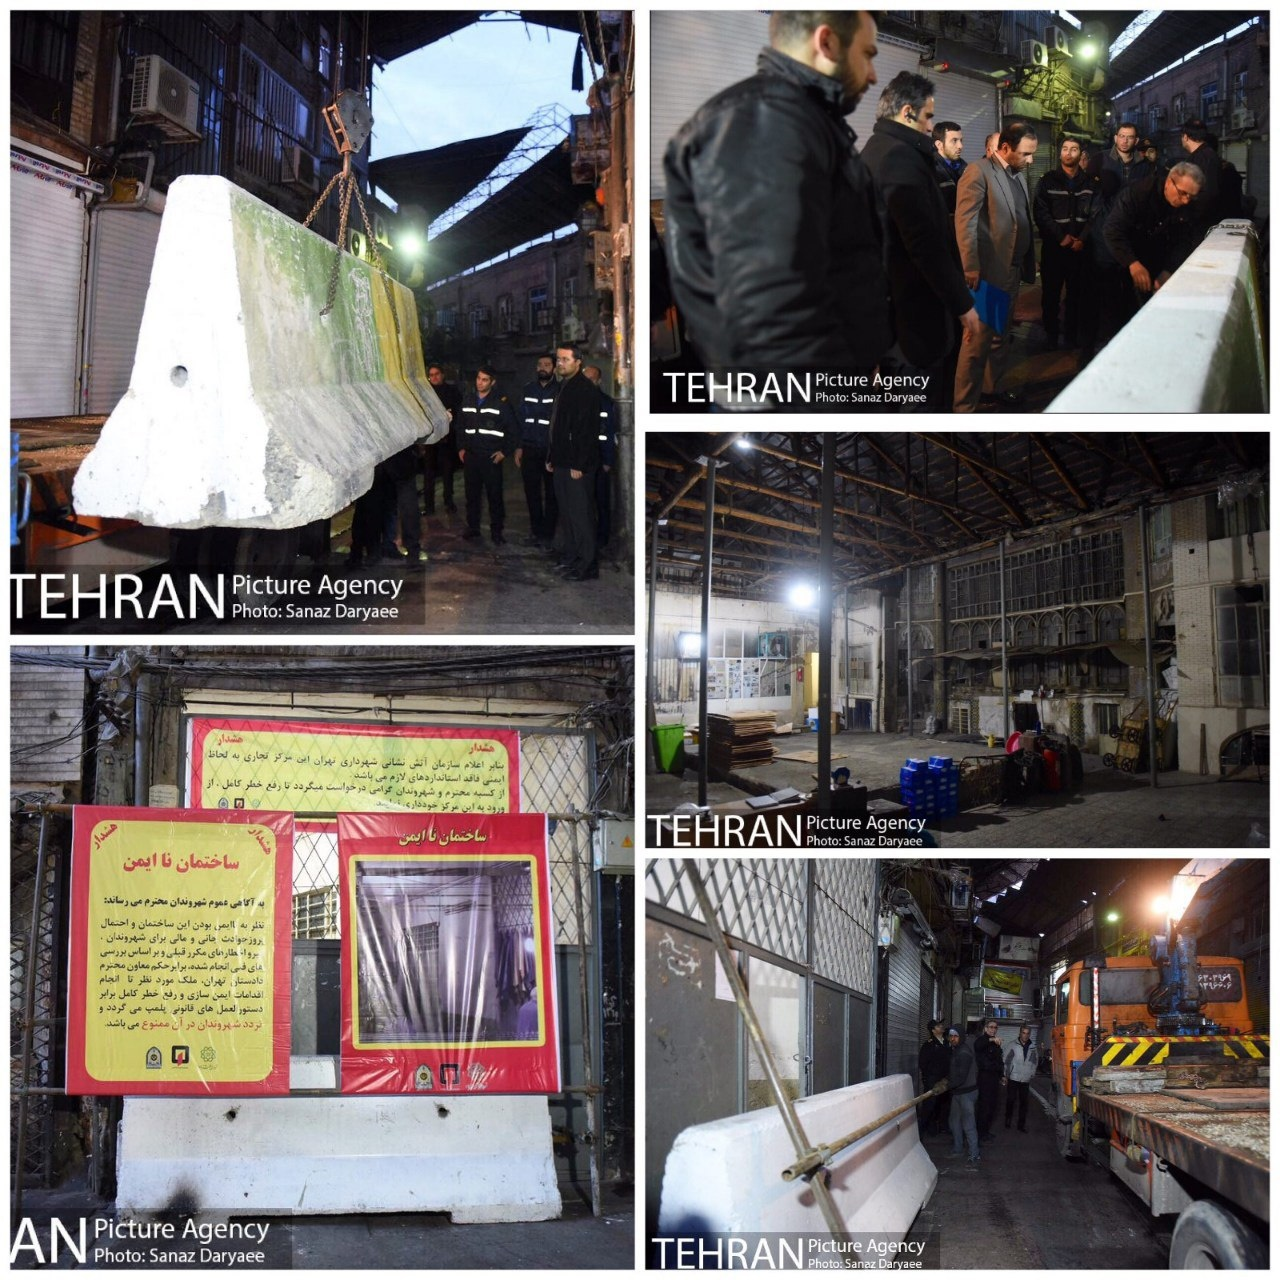 پلمب پاساژ نا ایمن در بازار تهران (+عکس)